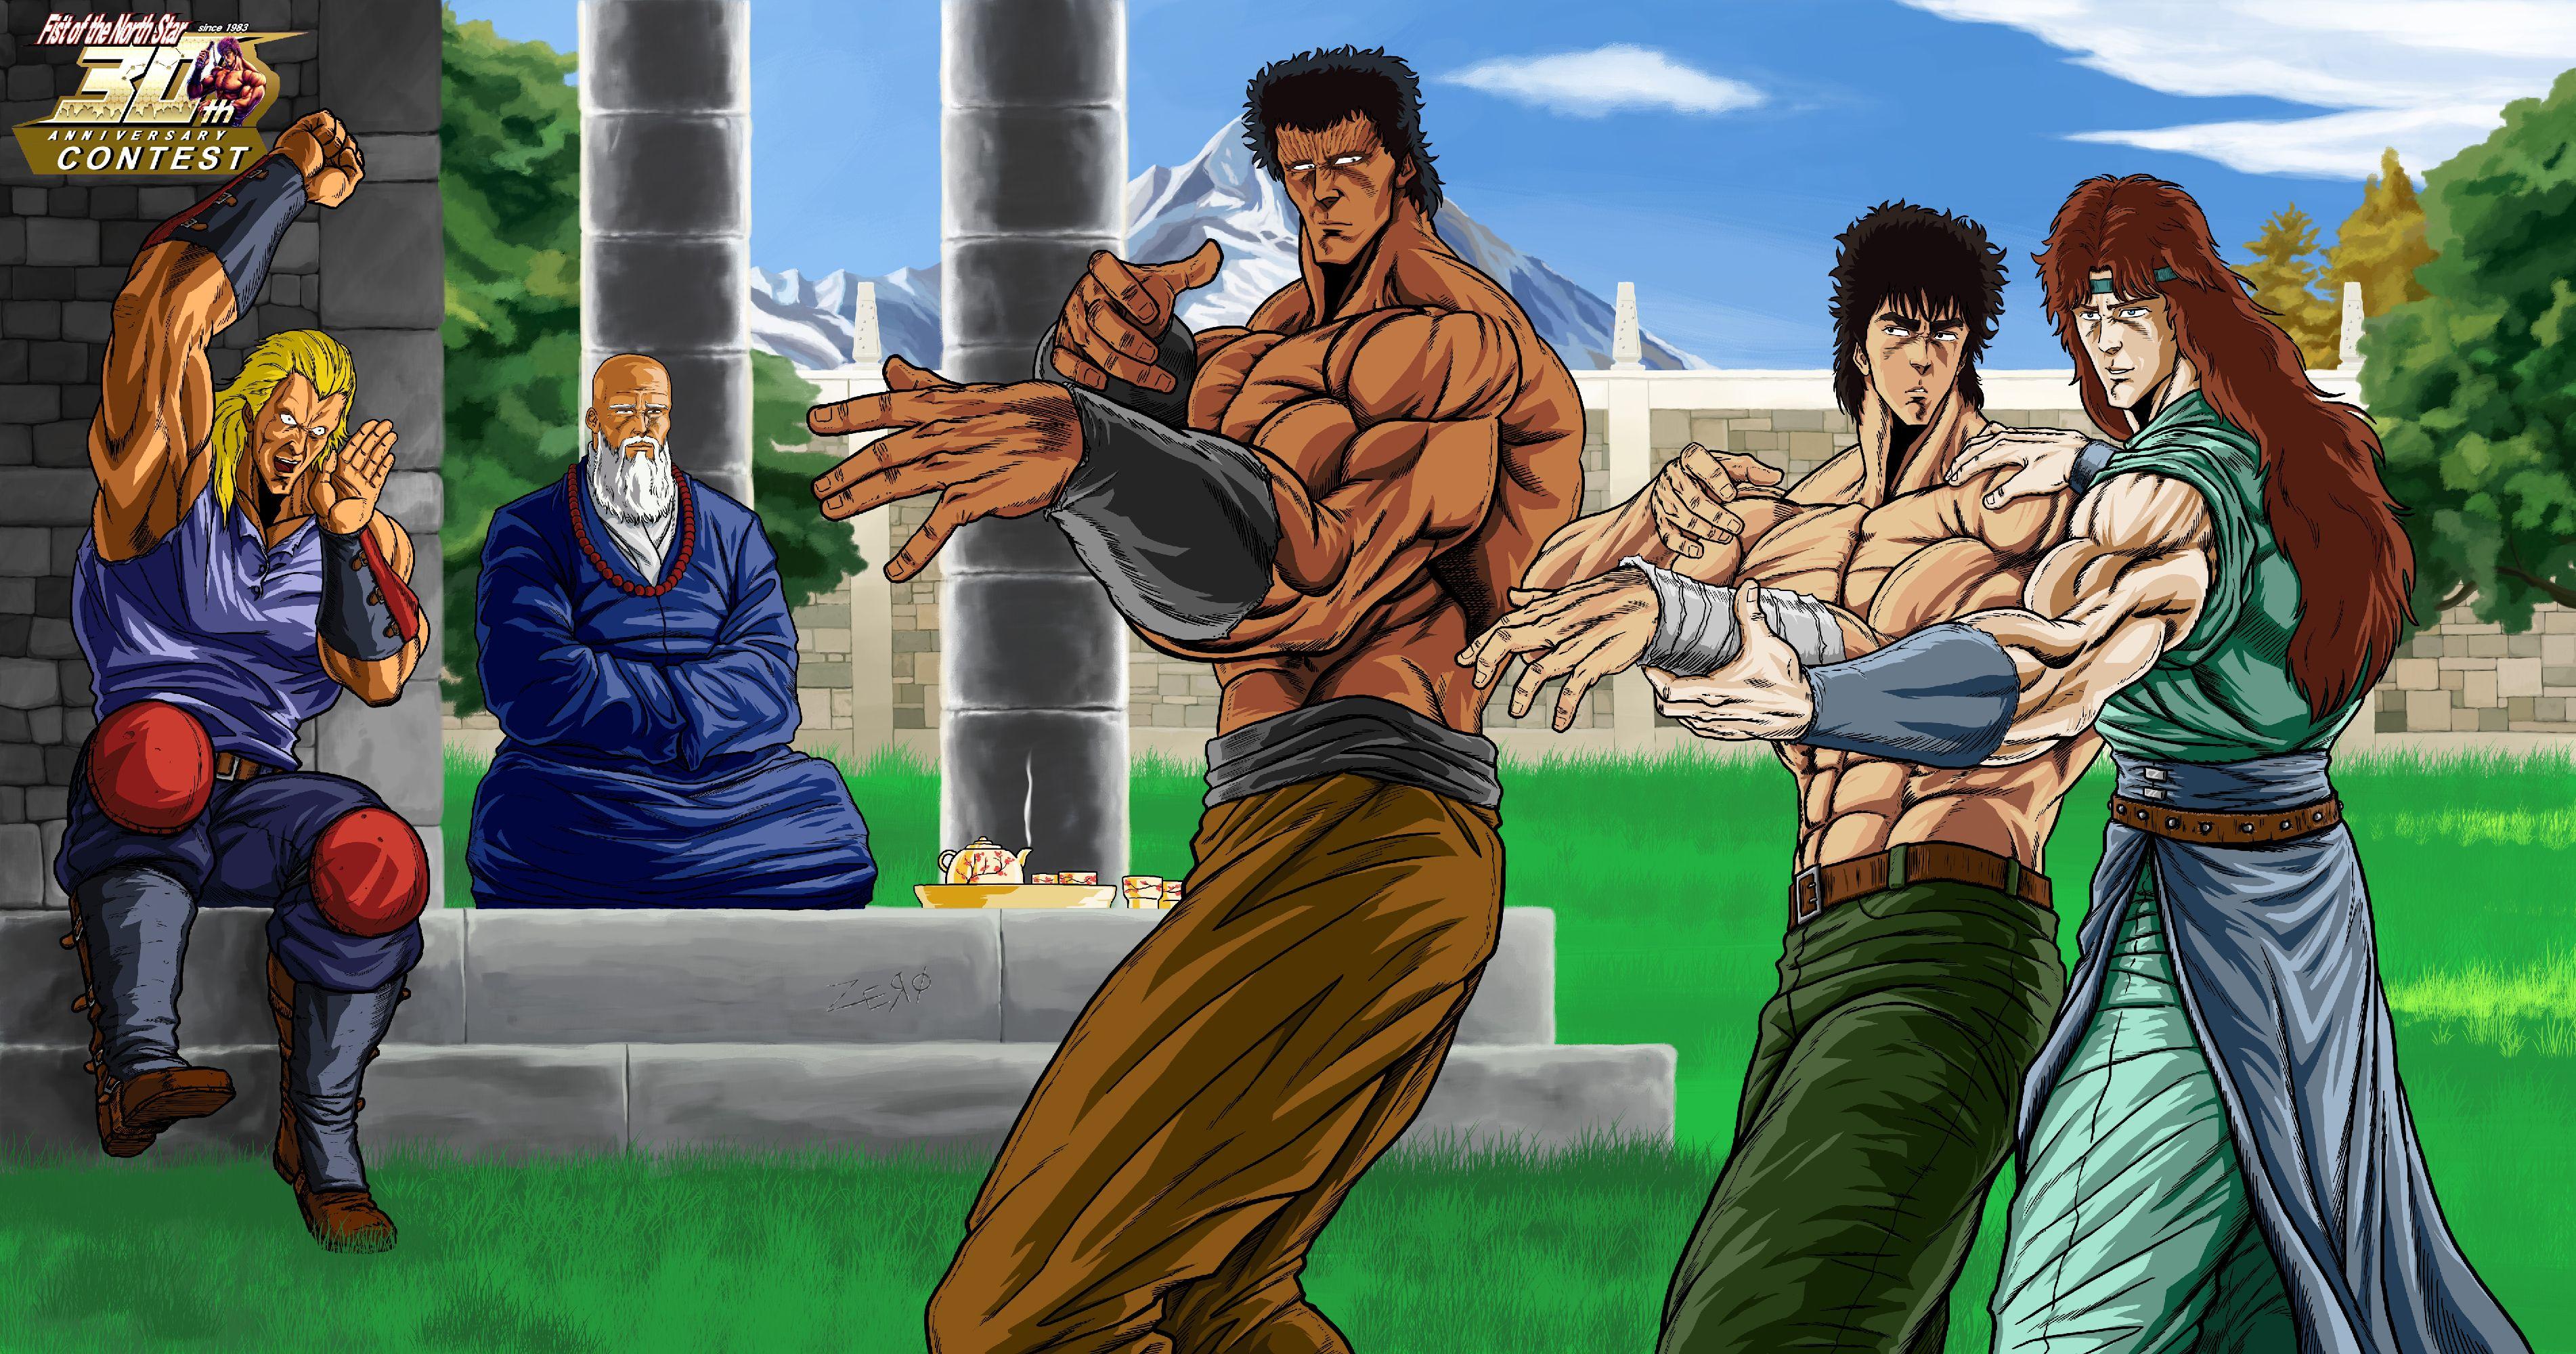 Hokuto no ken before war before hate anime manga fist of the